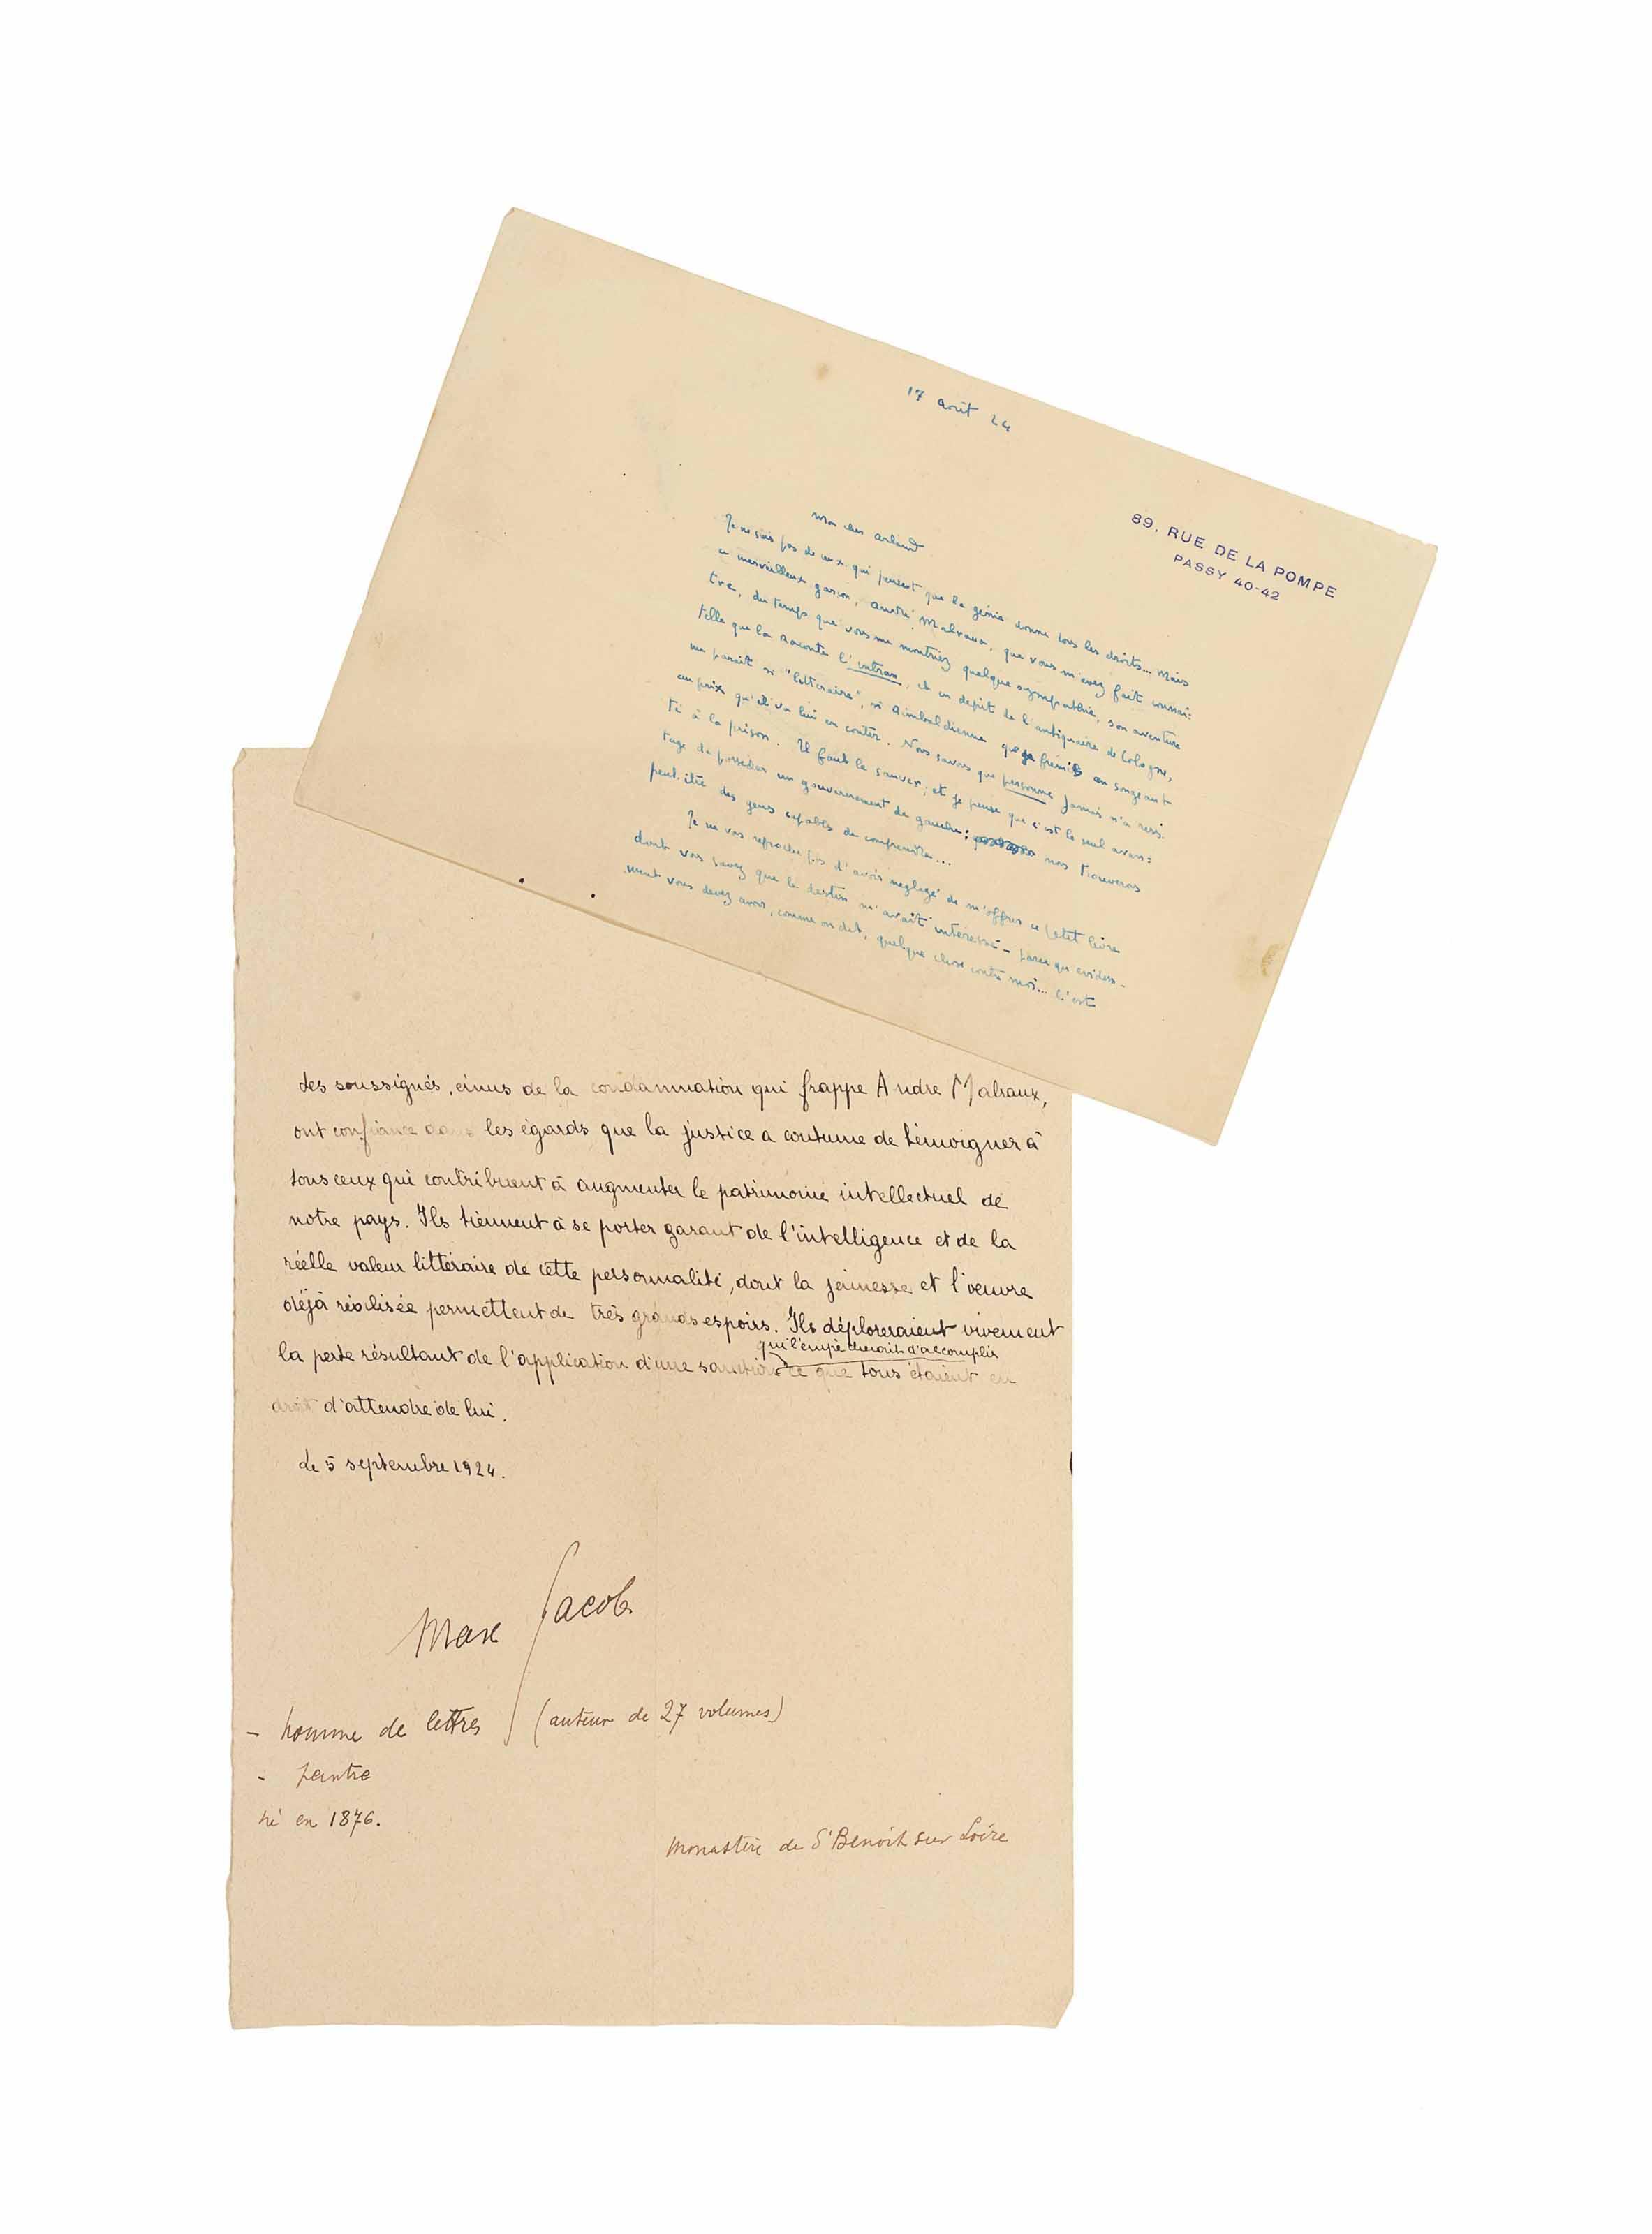 """[MALRAUX] -- MAURIAC, François (1885-1970). Lettre autographe signée, datée """"17 aôut 24"""", à Marcel Arland. Un feuillet in-12 (135 x 209 mm). Encre turquoise sur papier à son adresse """"89, rue de la Pompe  Passy 40-42""""."""